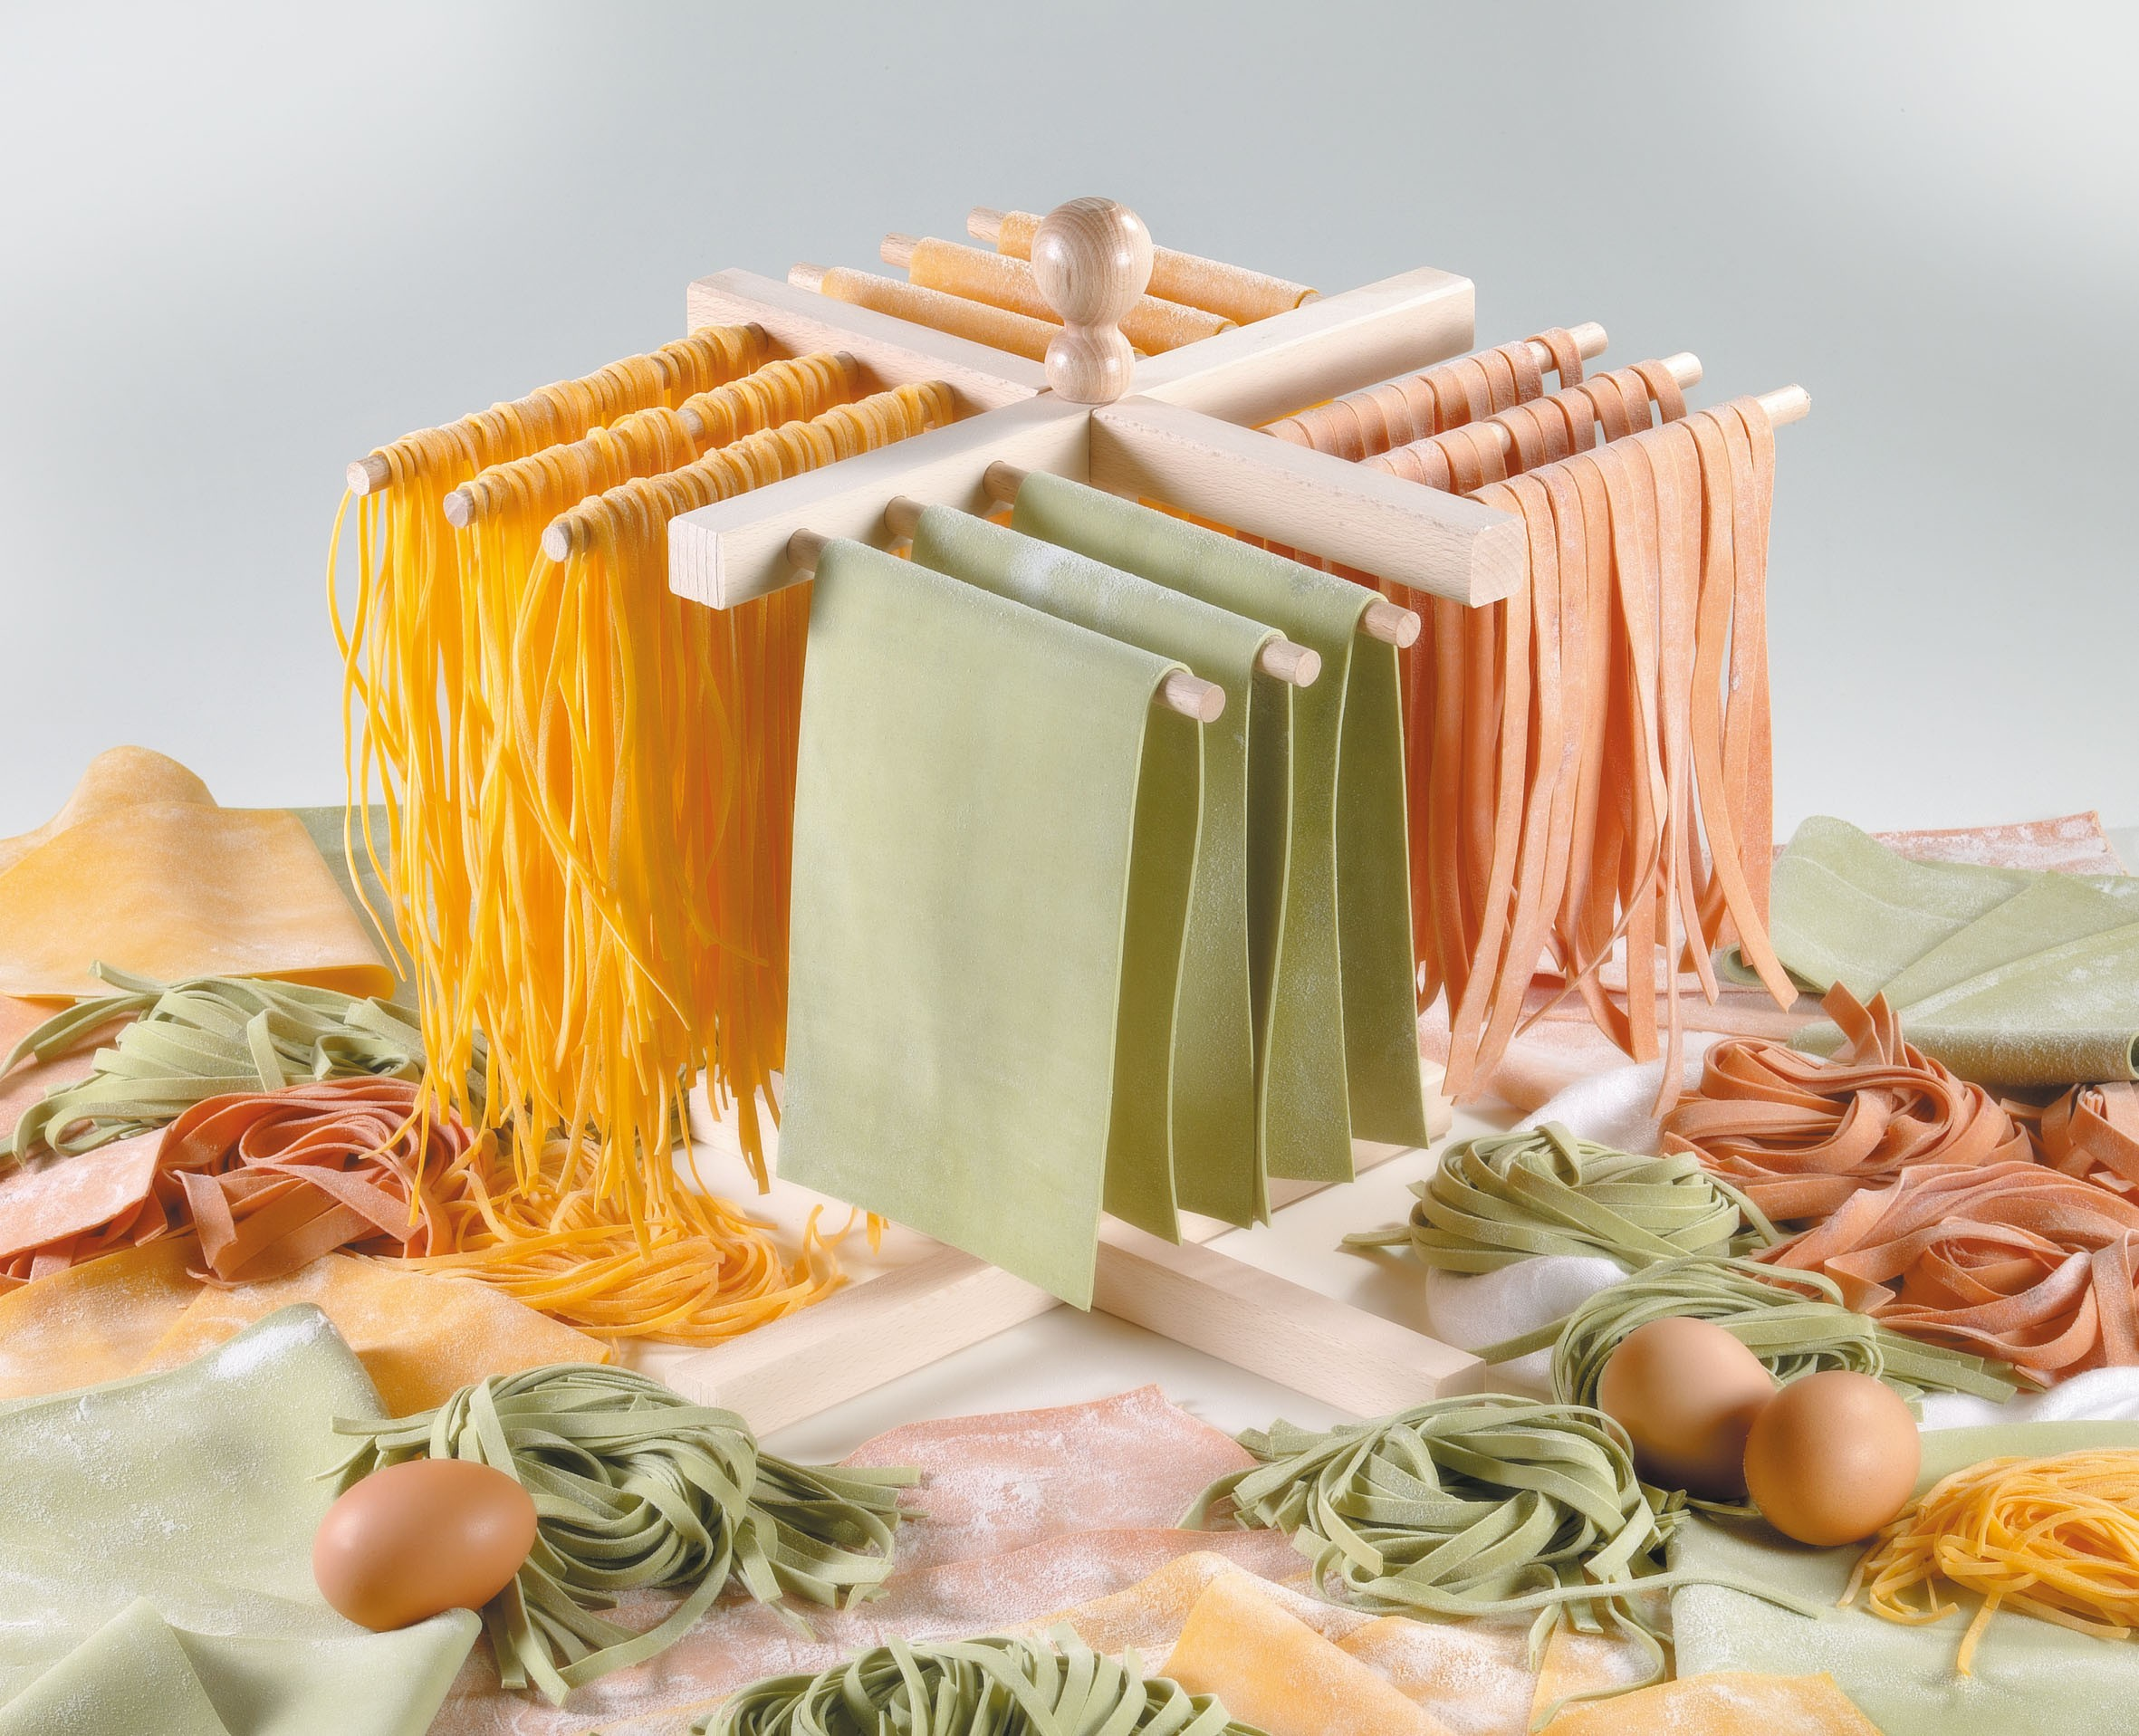 Изготовление спагетти своими руками 27